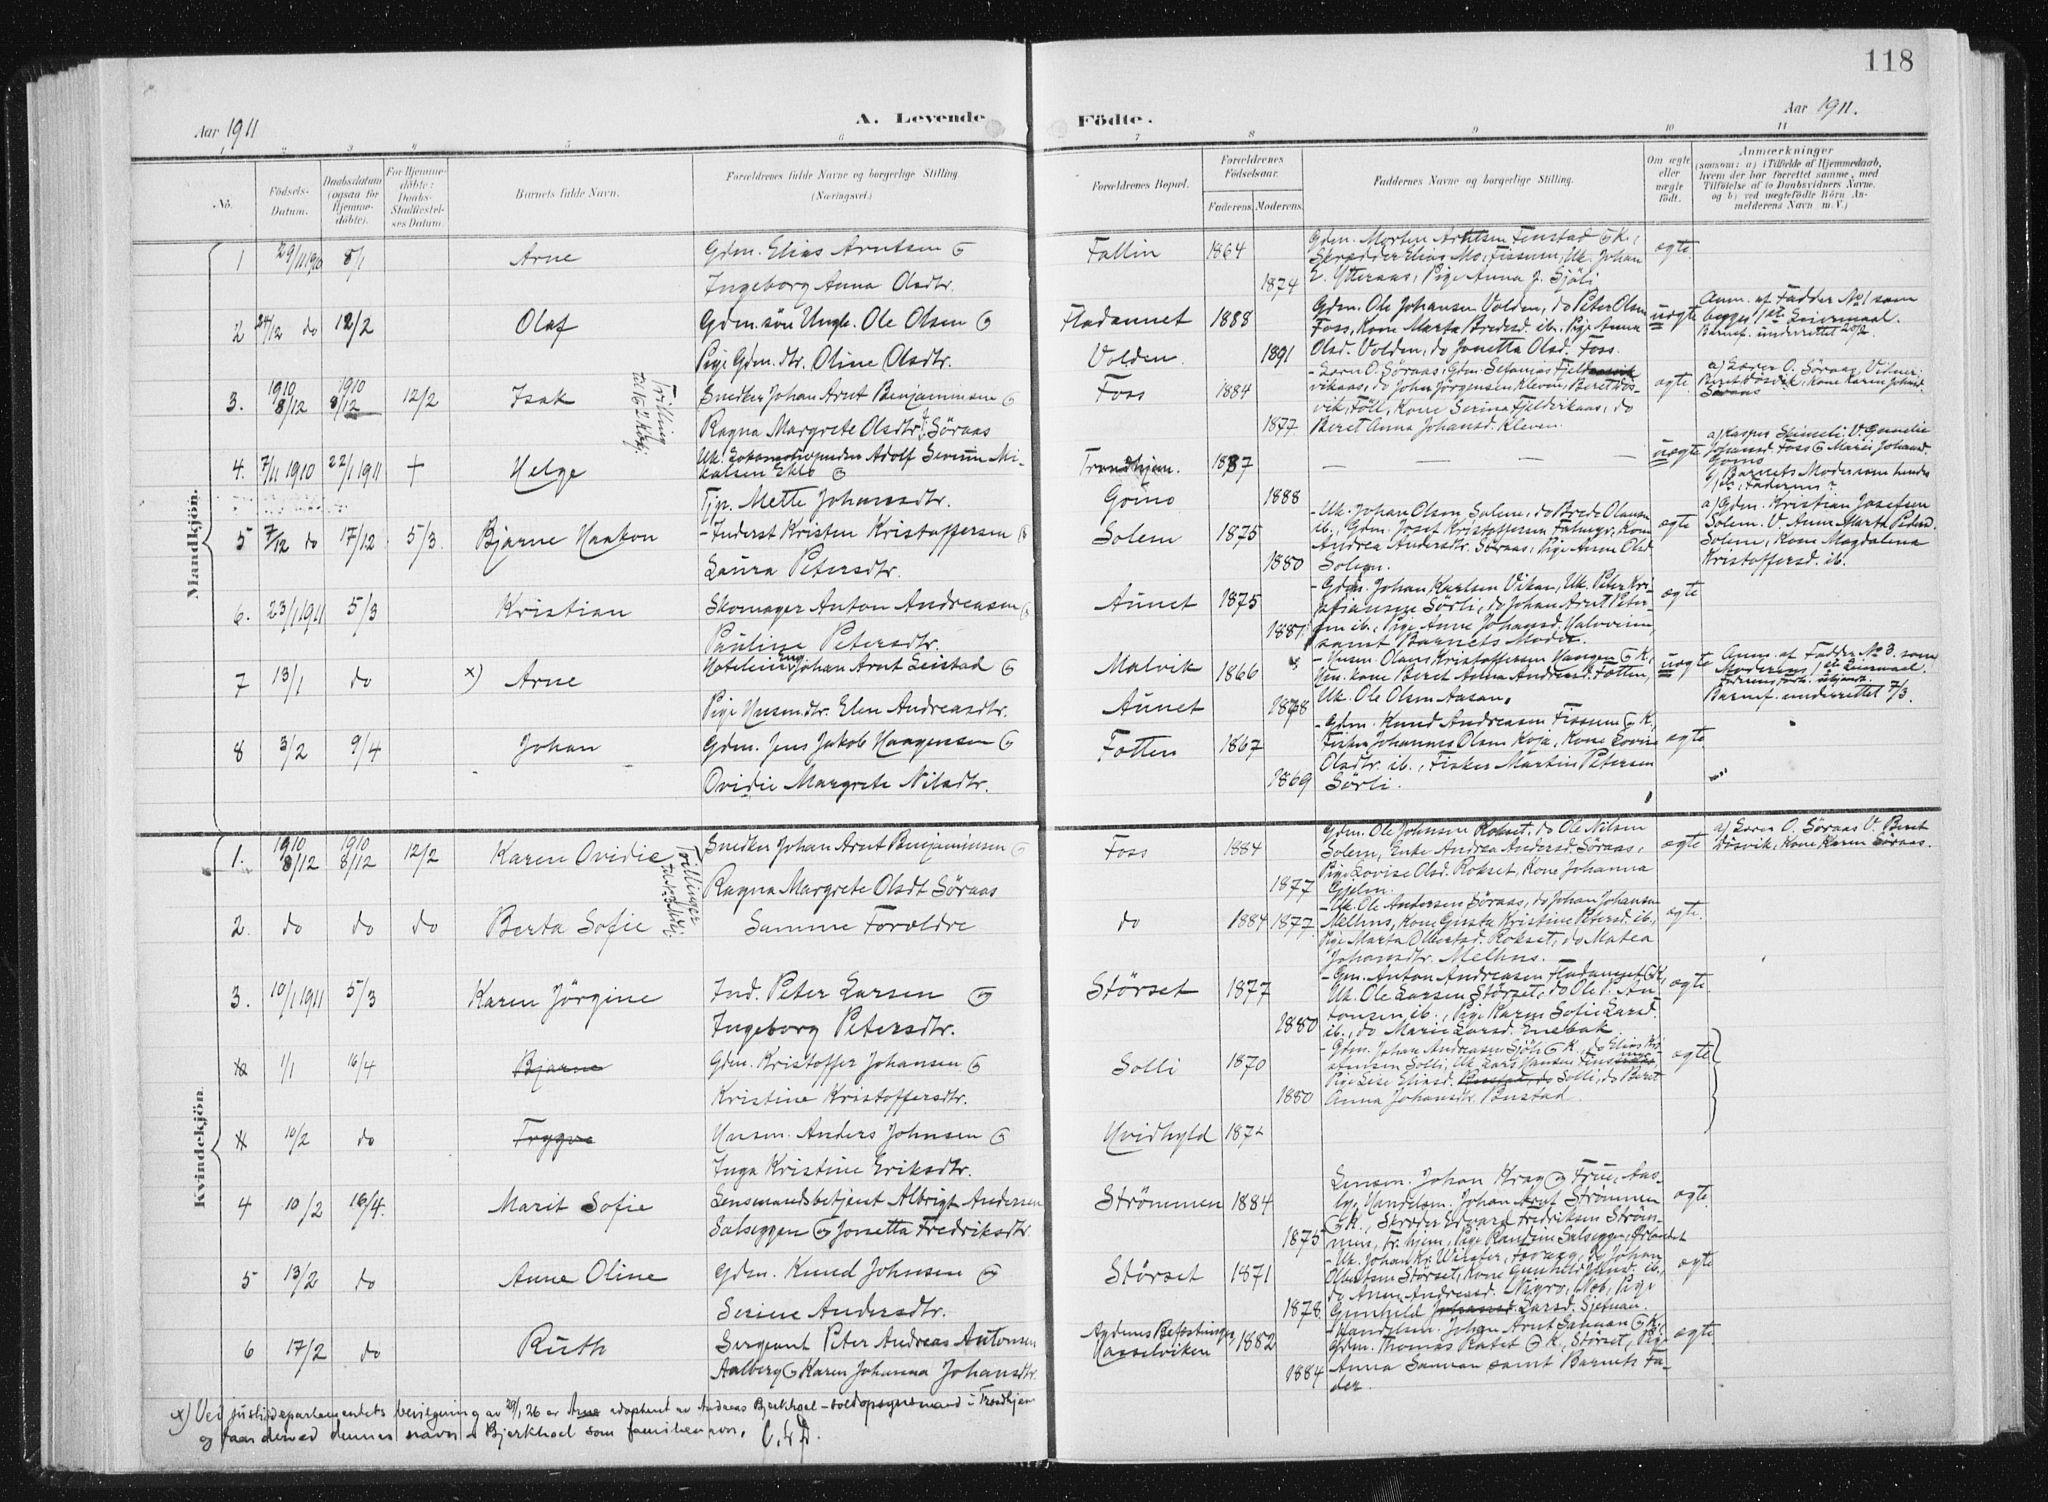 SAT, Ministerialprotokoller, klokkerbøker og fødselsregistre - Sør-Trøndelag, 647/L0635: Ministerialbok nr. 647A02, 1896-1911, s. 118